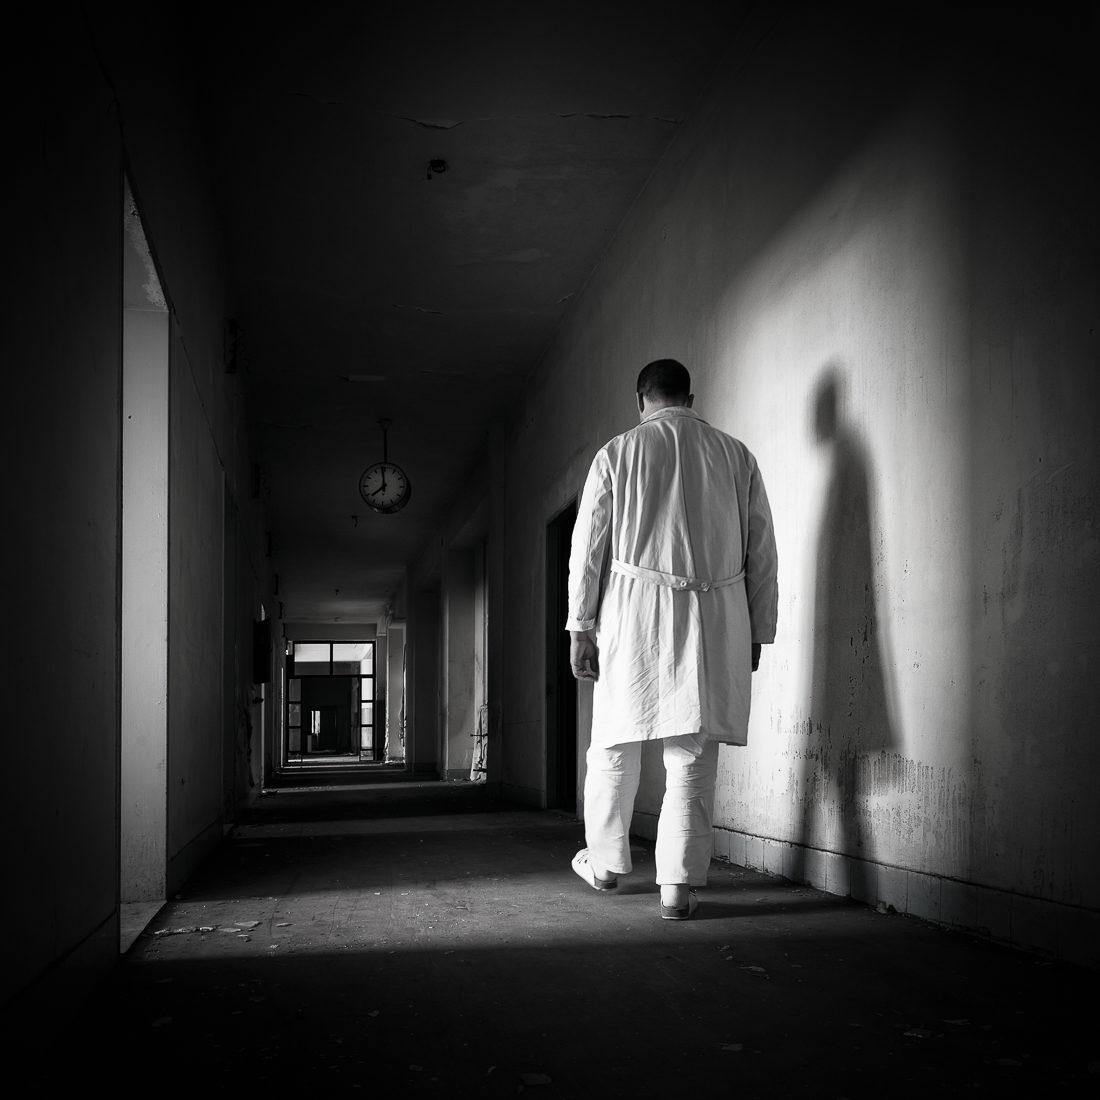 Empty corridors